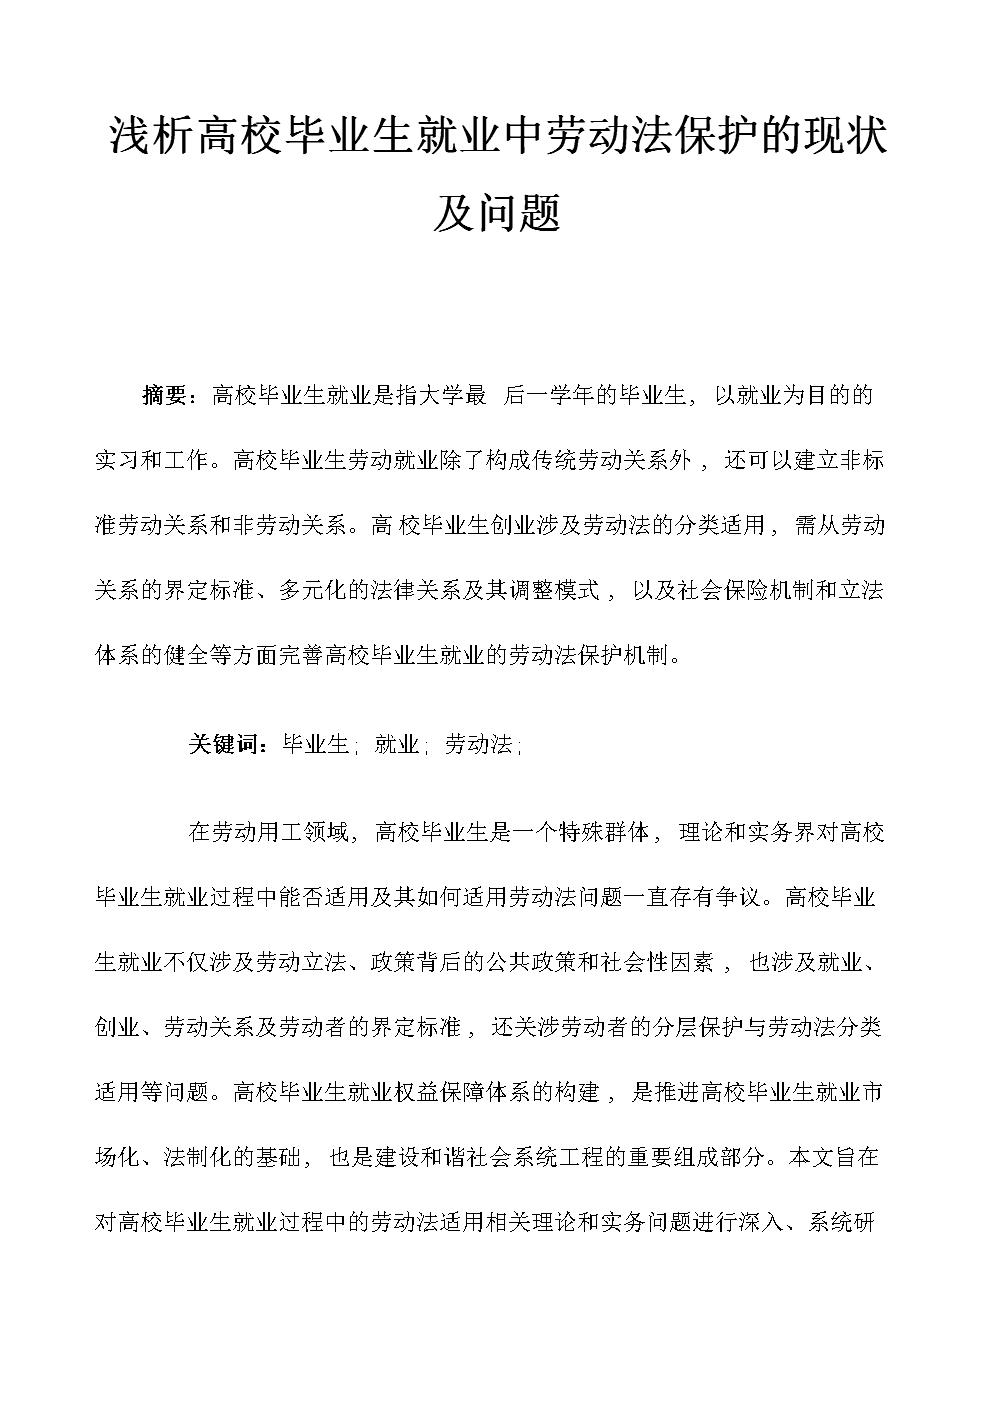 2019浅析高校毕业生就业中劳动法保护的现状及问题.docx